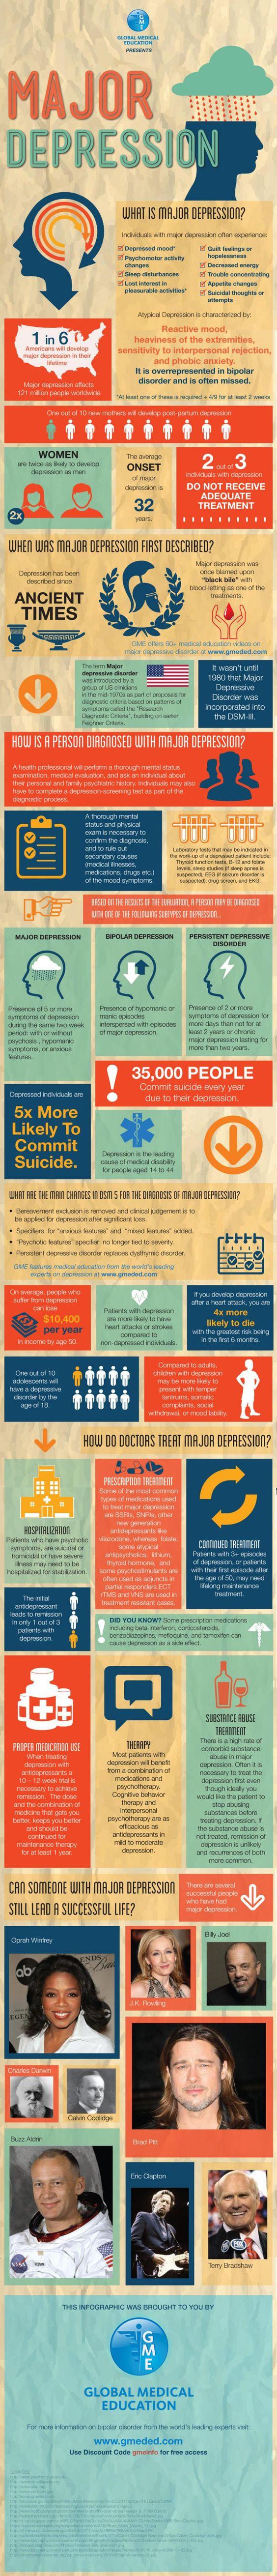 Major Depression   Global Medical Education